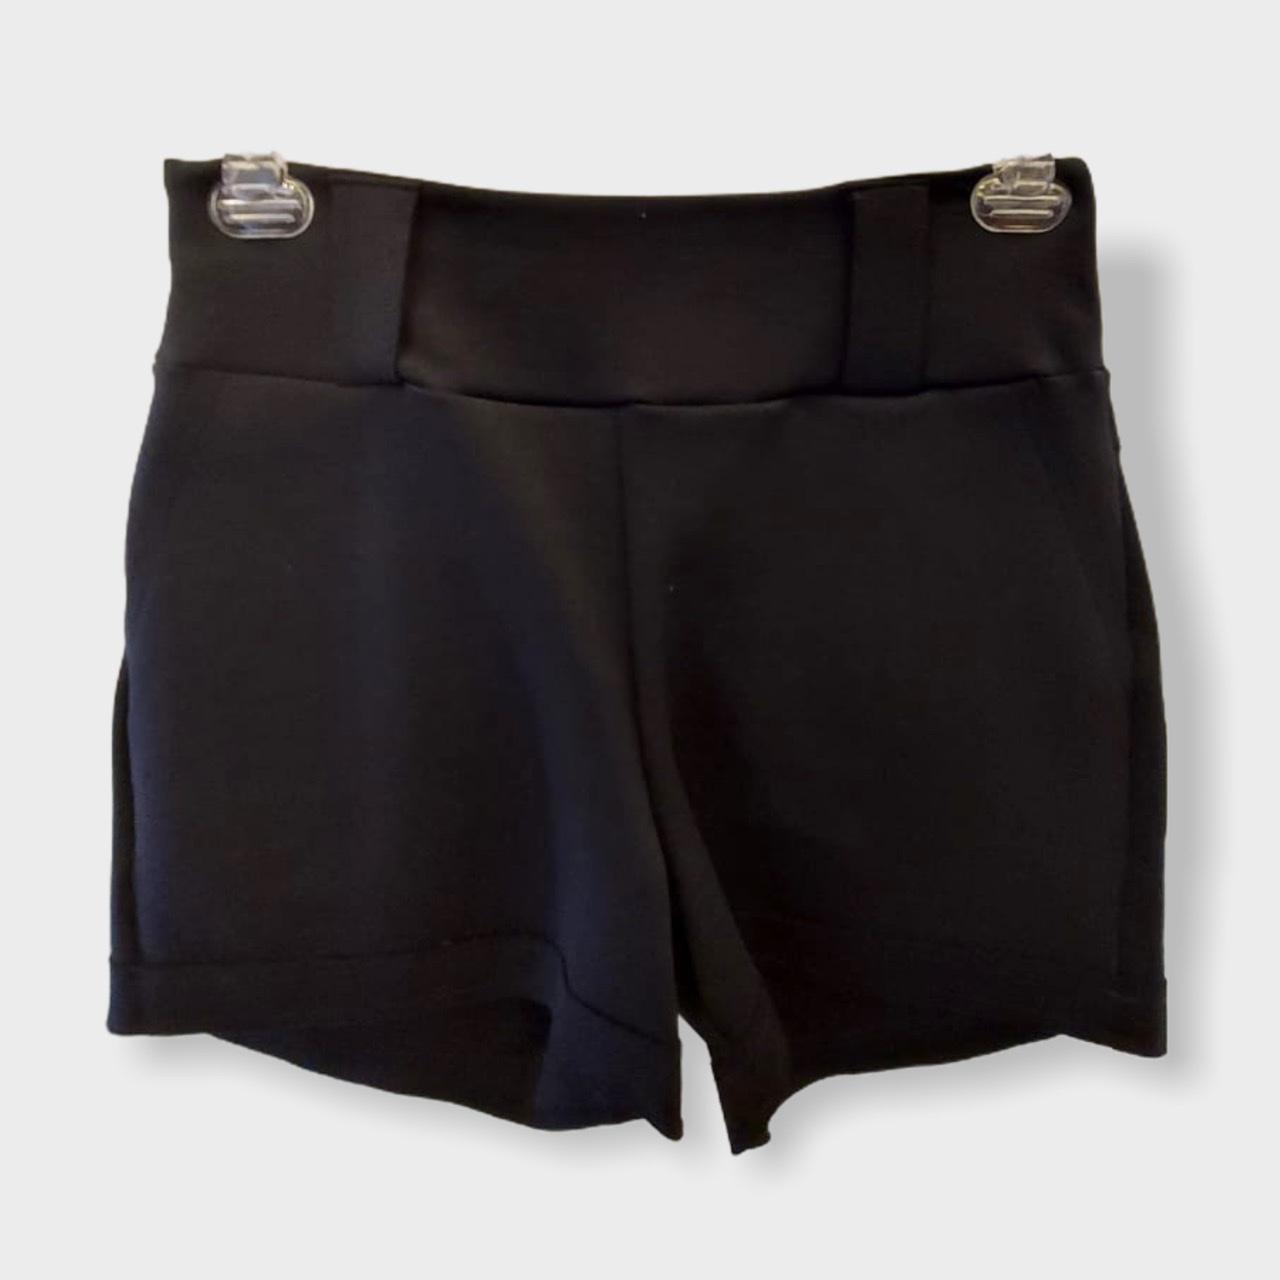 Short preto com detalhe bolso   - Vivian Bógus